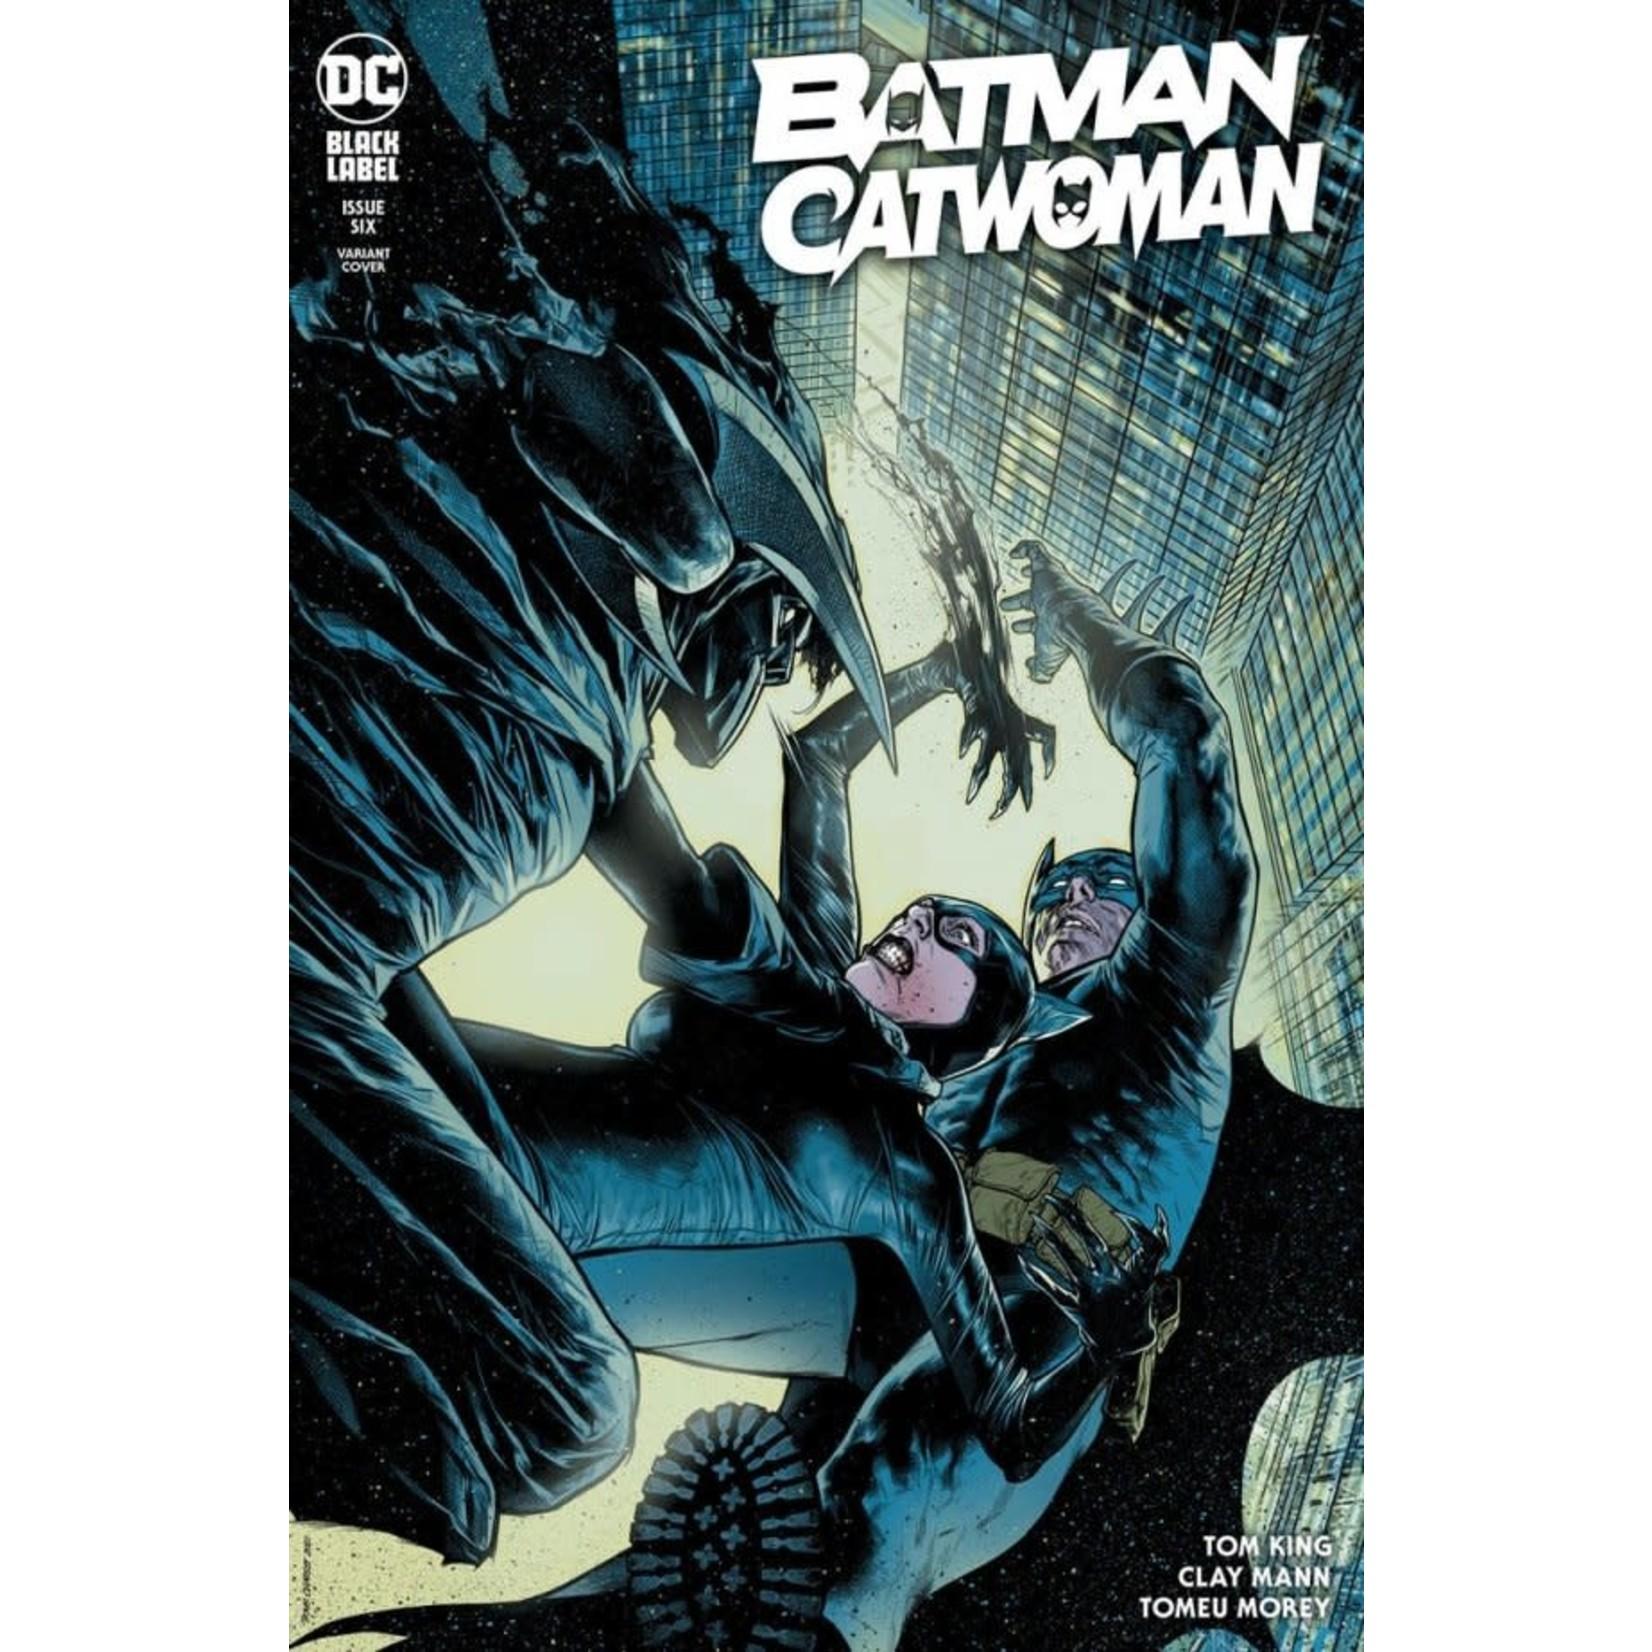 DC Comics Batman / Catwoman #6 Travis Charest Variant Cover